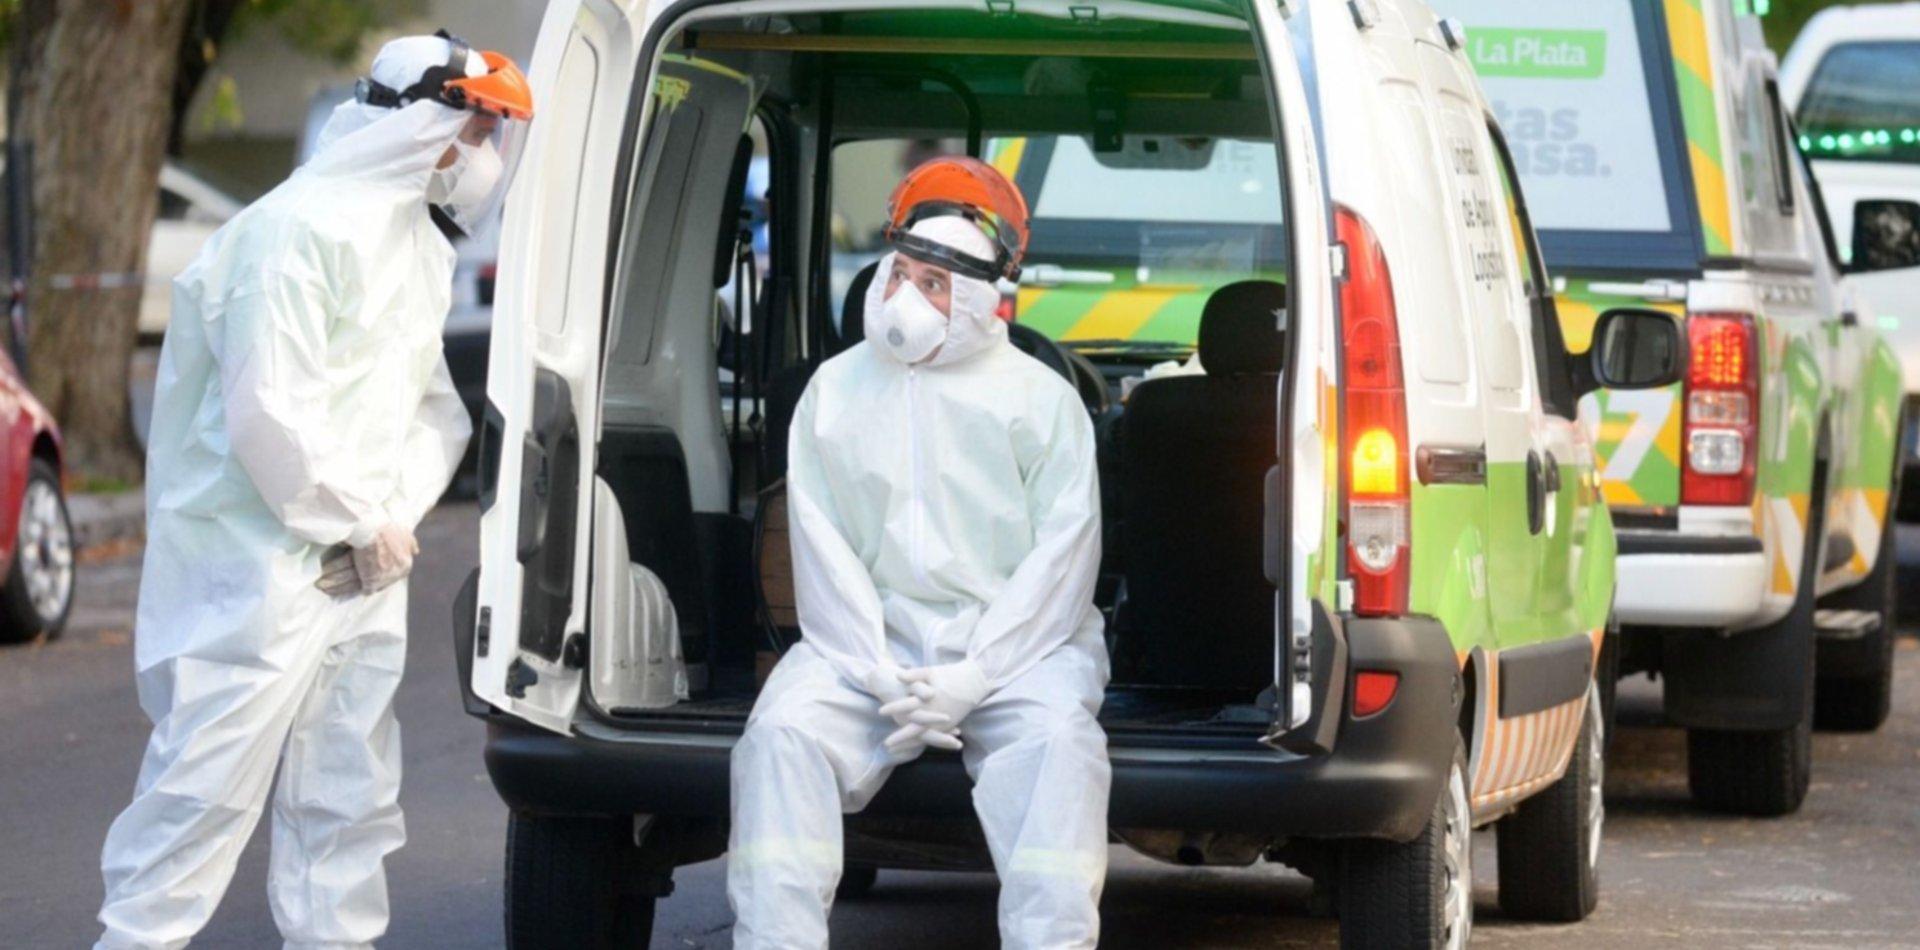 La Plata, Berisso y Ensenada, en el podio del riesgo epidemiológico a nivel nacional